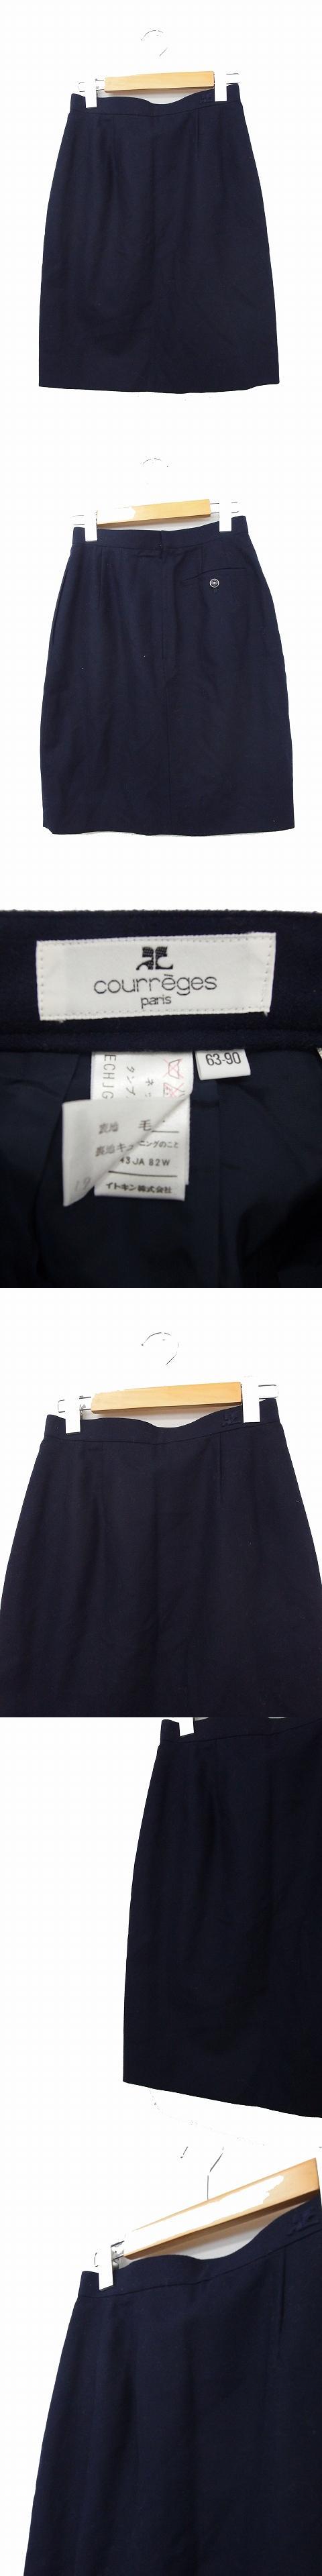 スカート 台形スカート ギャザー 膝丈 毛 ウール 無地 シンプル ネイビー 紺 /KT48